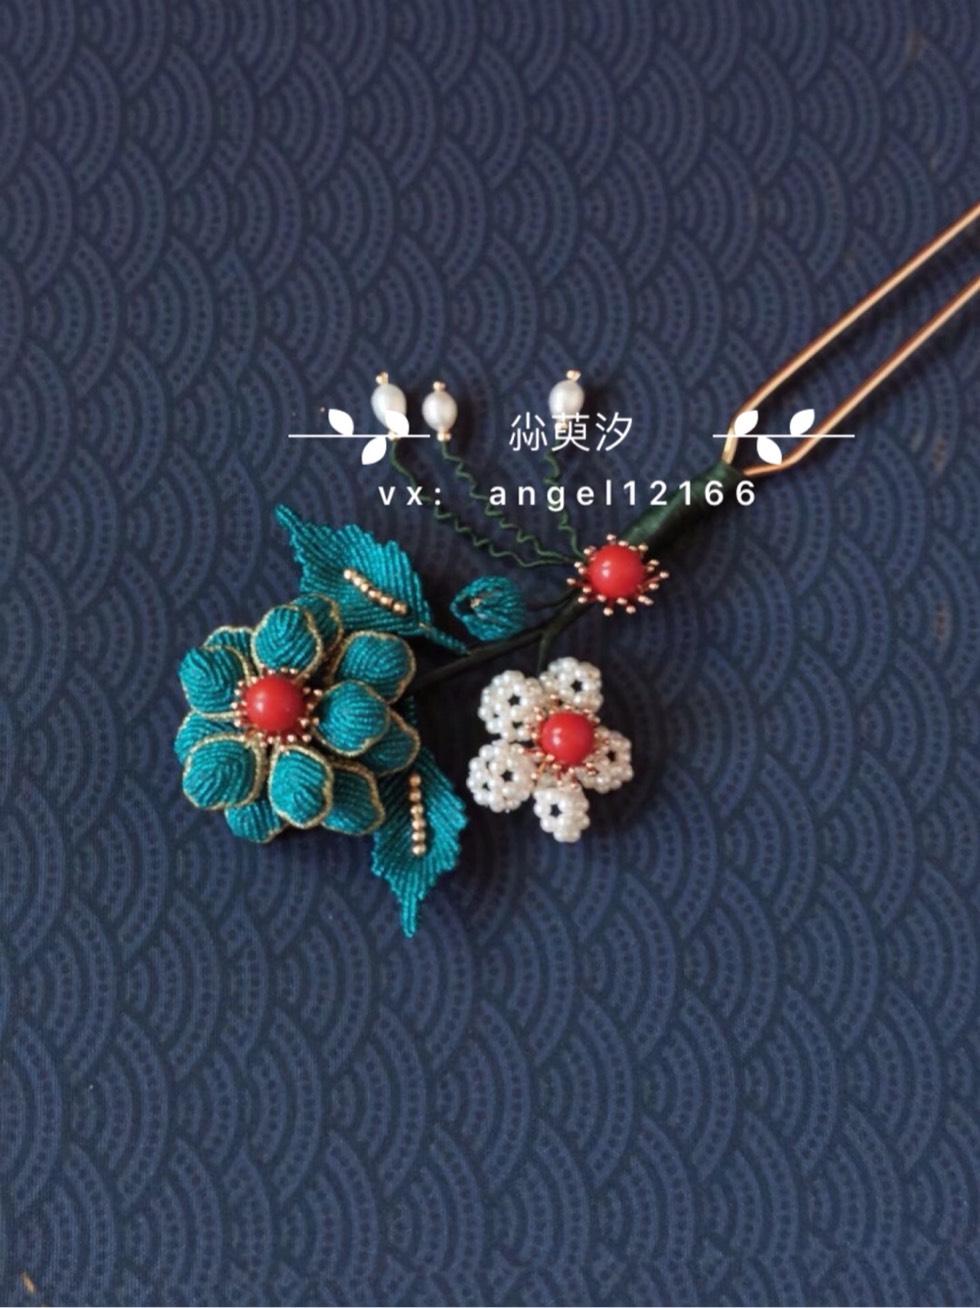 中国结论坛 仿点翠花簪系列 系列,翠花,点翠 作品展示 163812n7d7vss7plgsnjdw